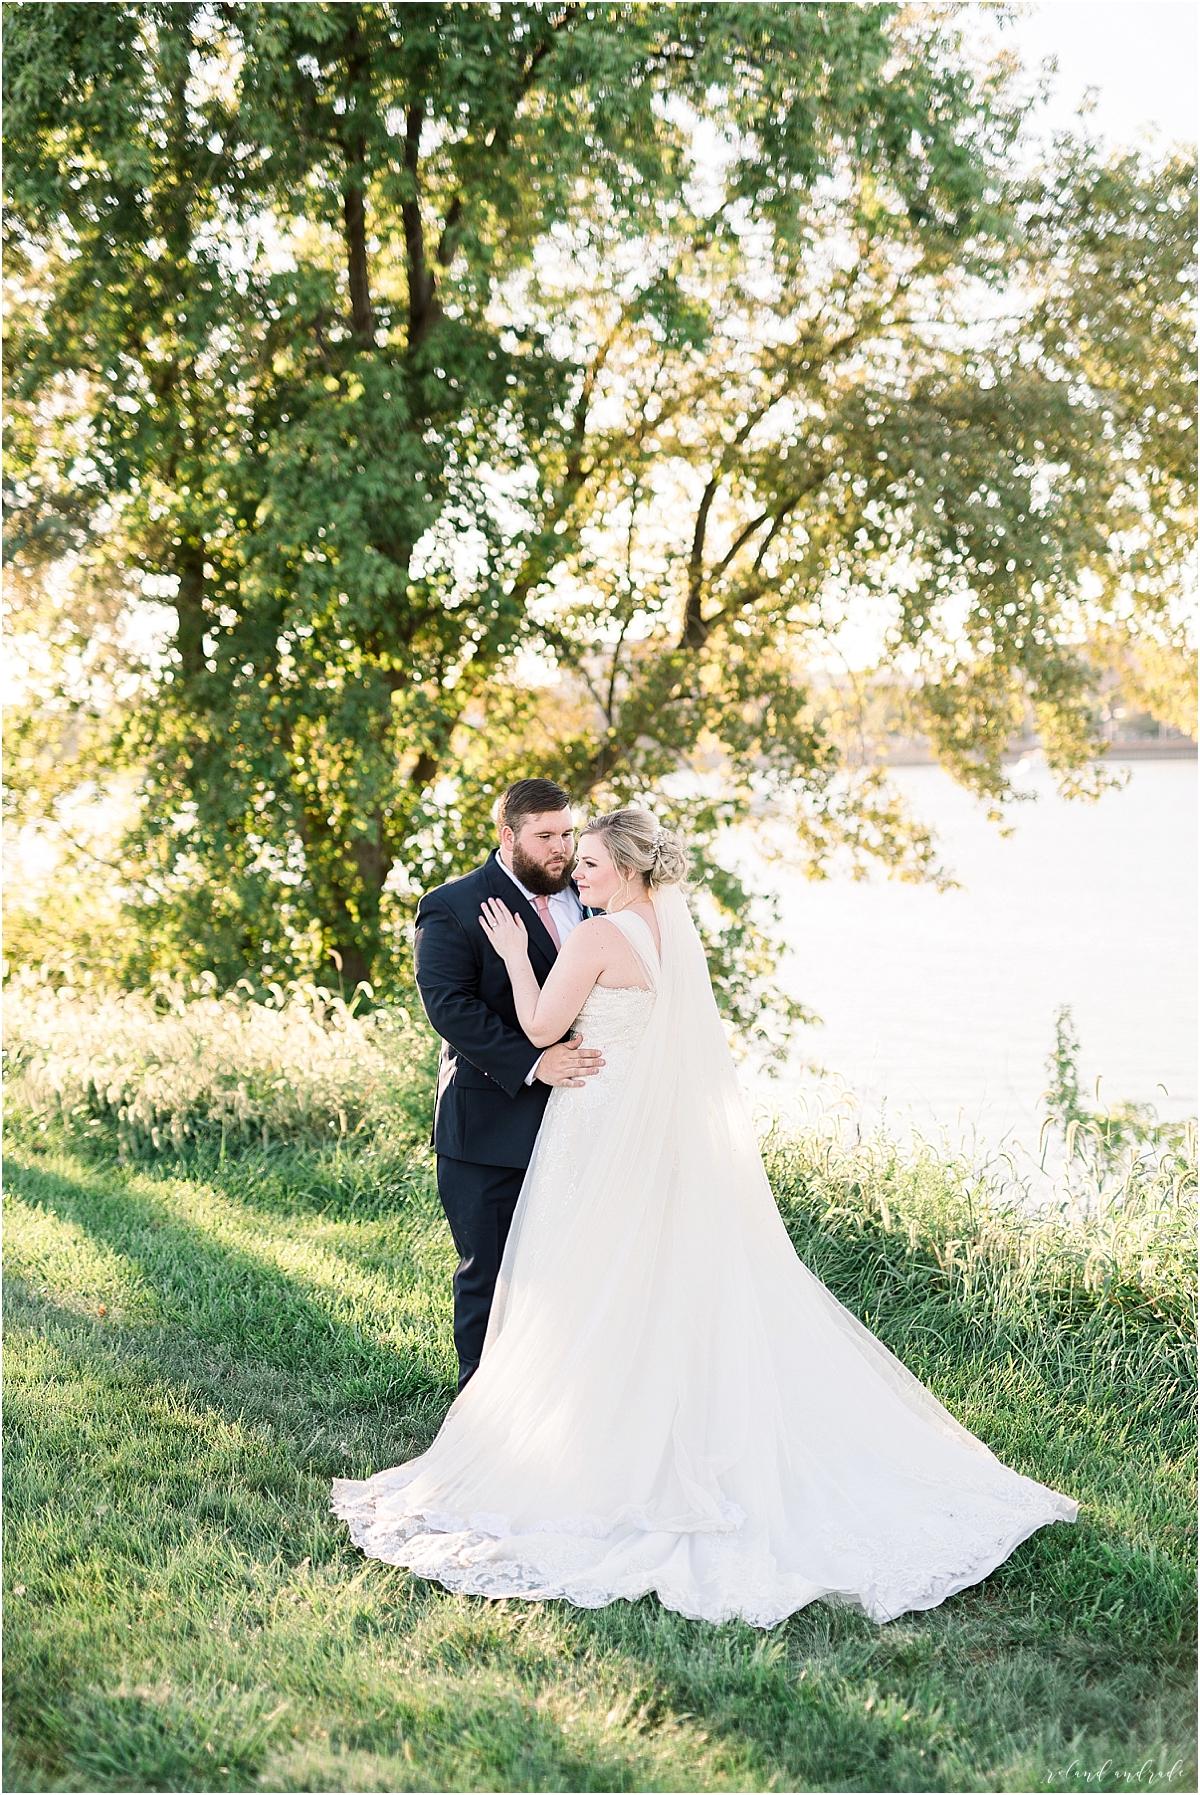 The Waterhouse Wedding, Chicago Wedding Photographer, Peoria Wedding Photographer, Best Photographer In Aurora, Best Photographer In Chicago_0060.jpg